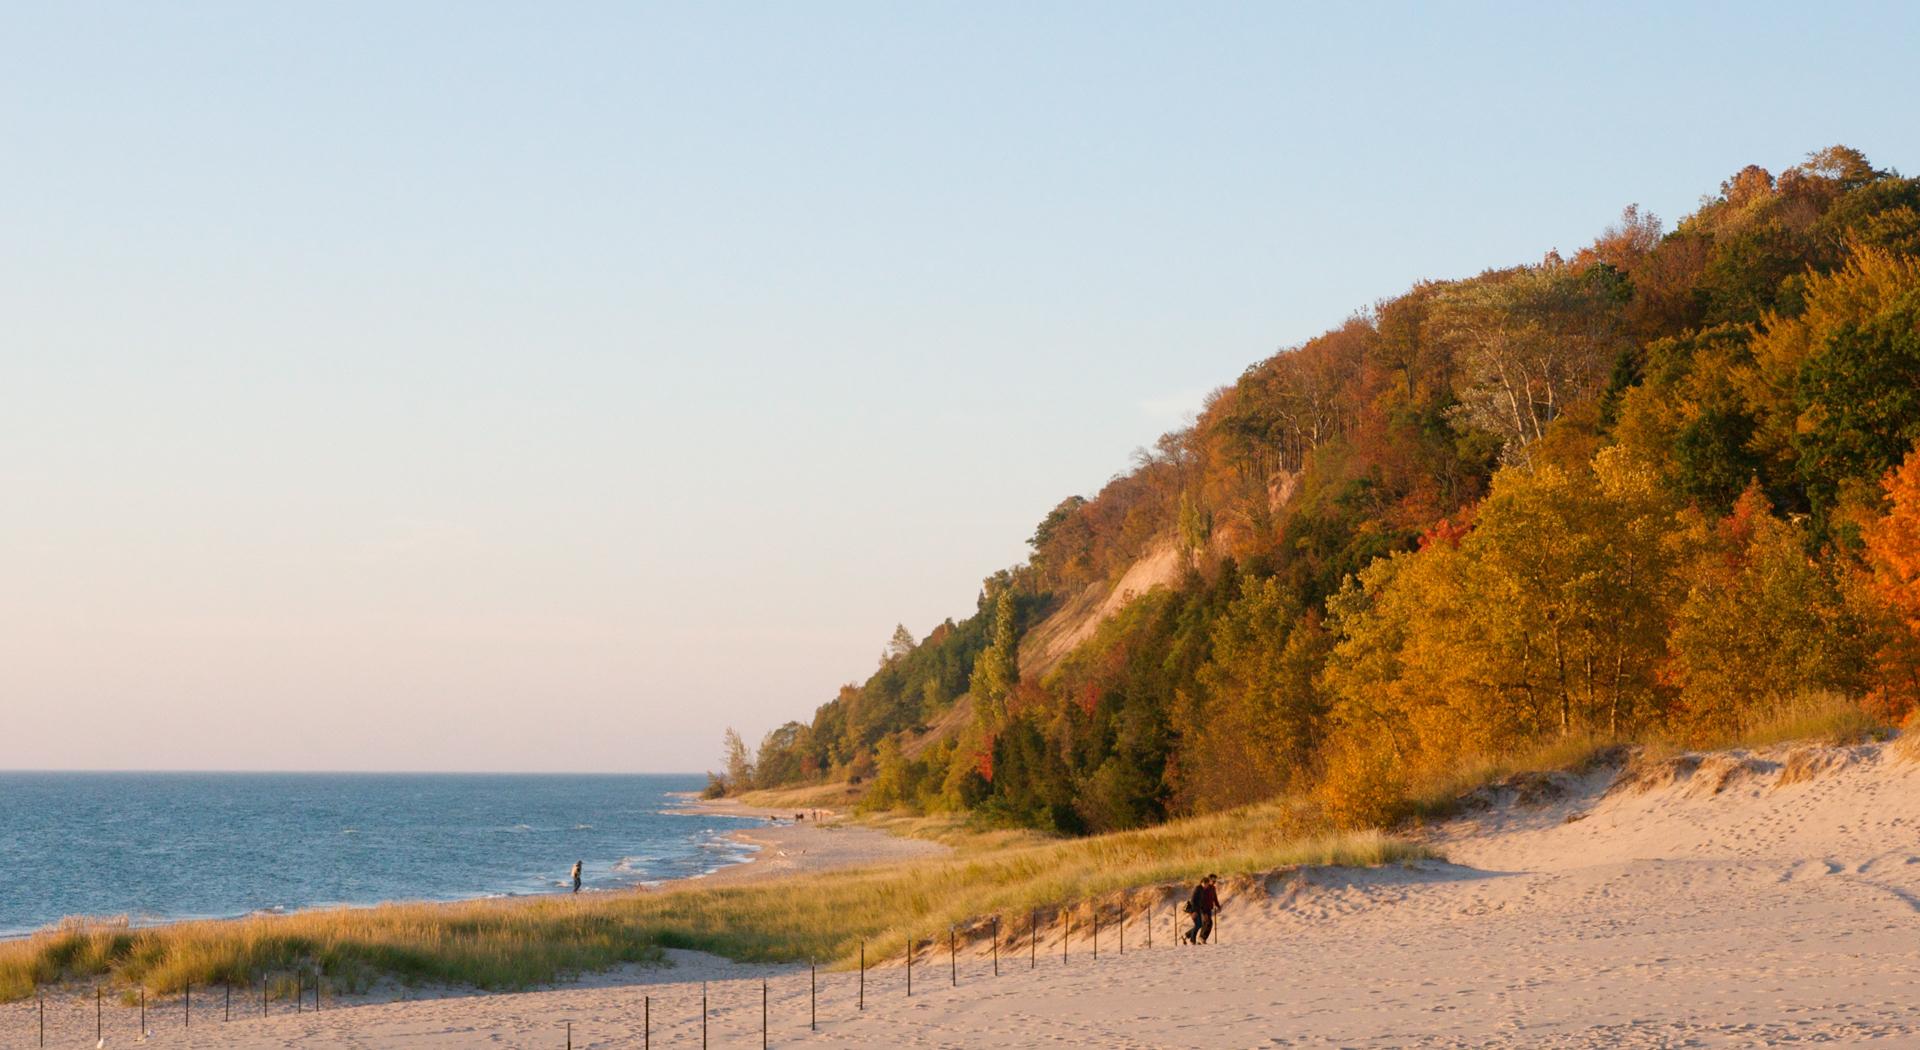 November Vacation in Northern Michigan